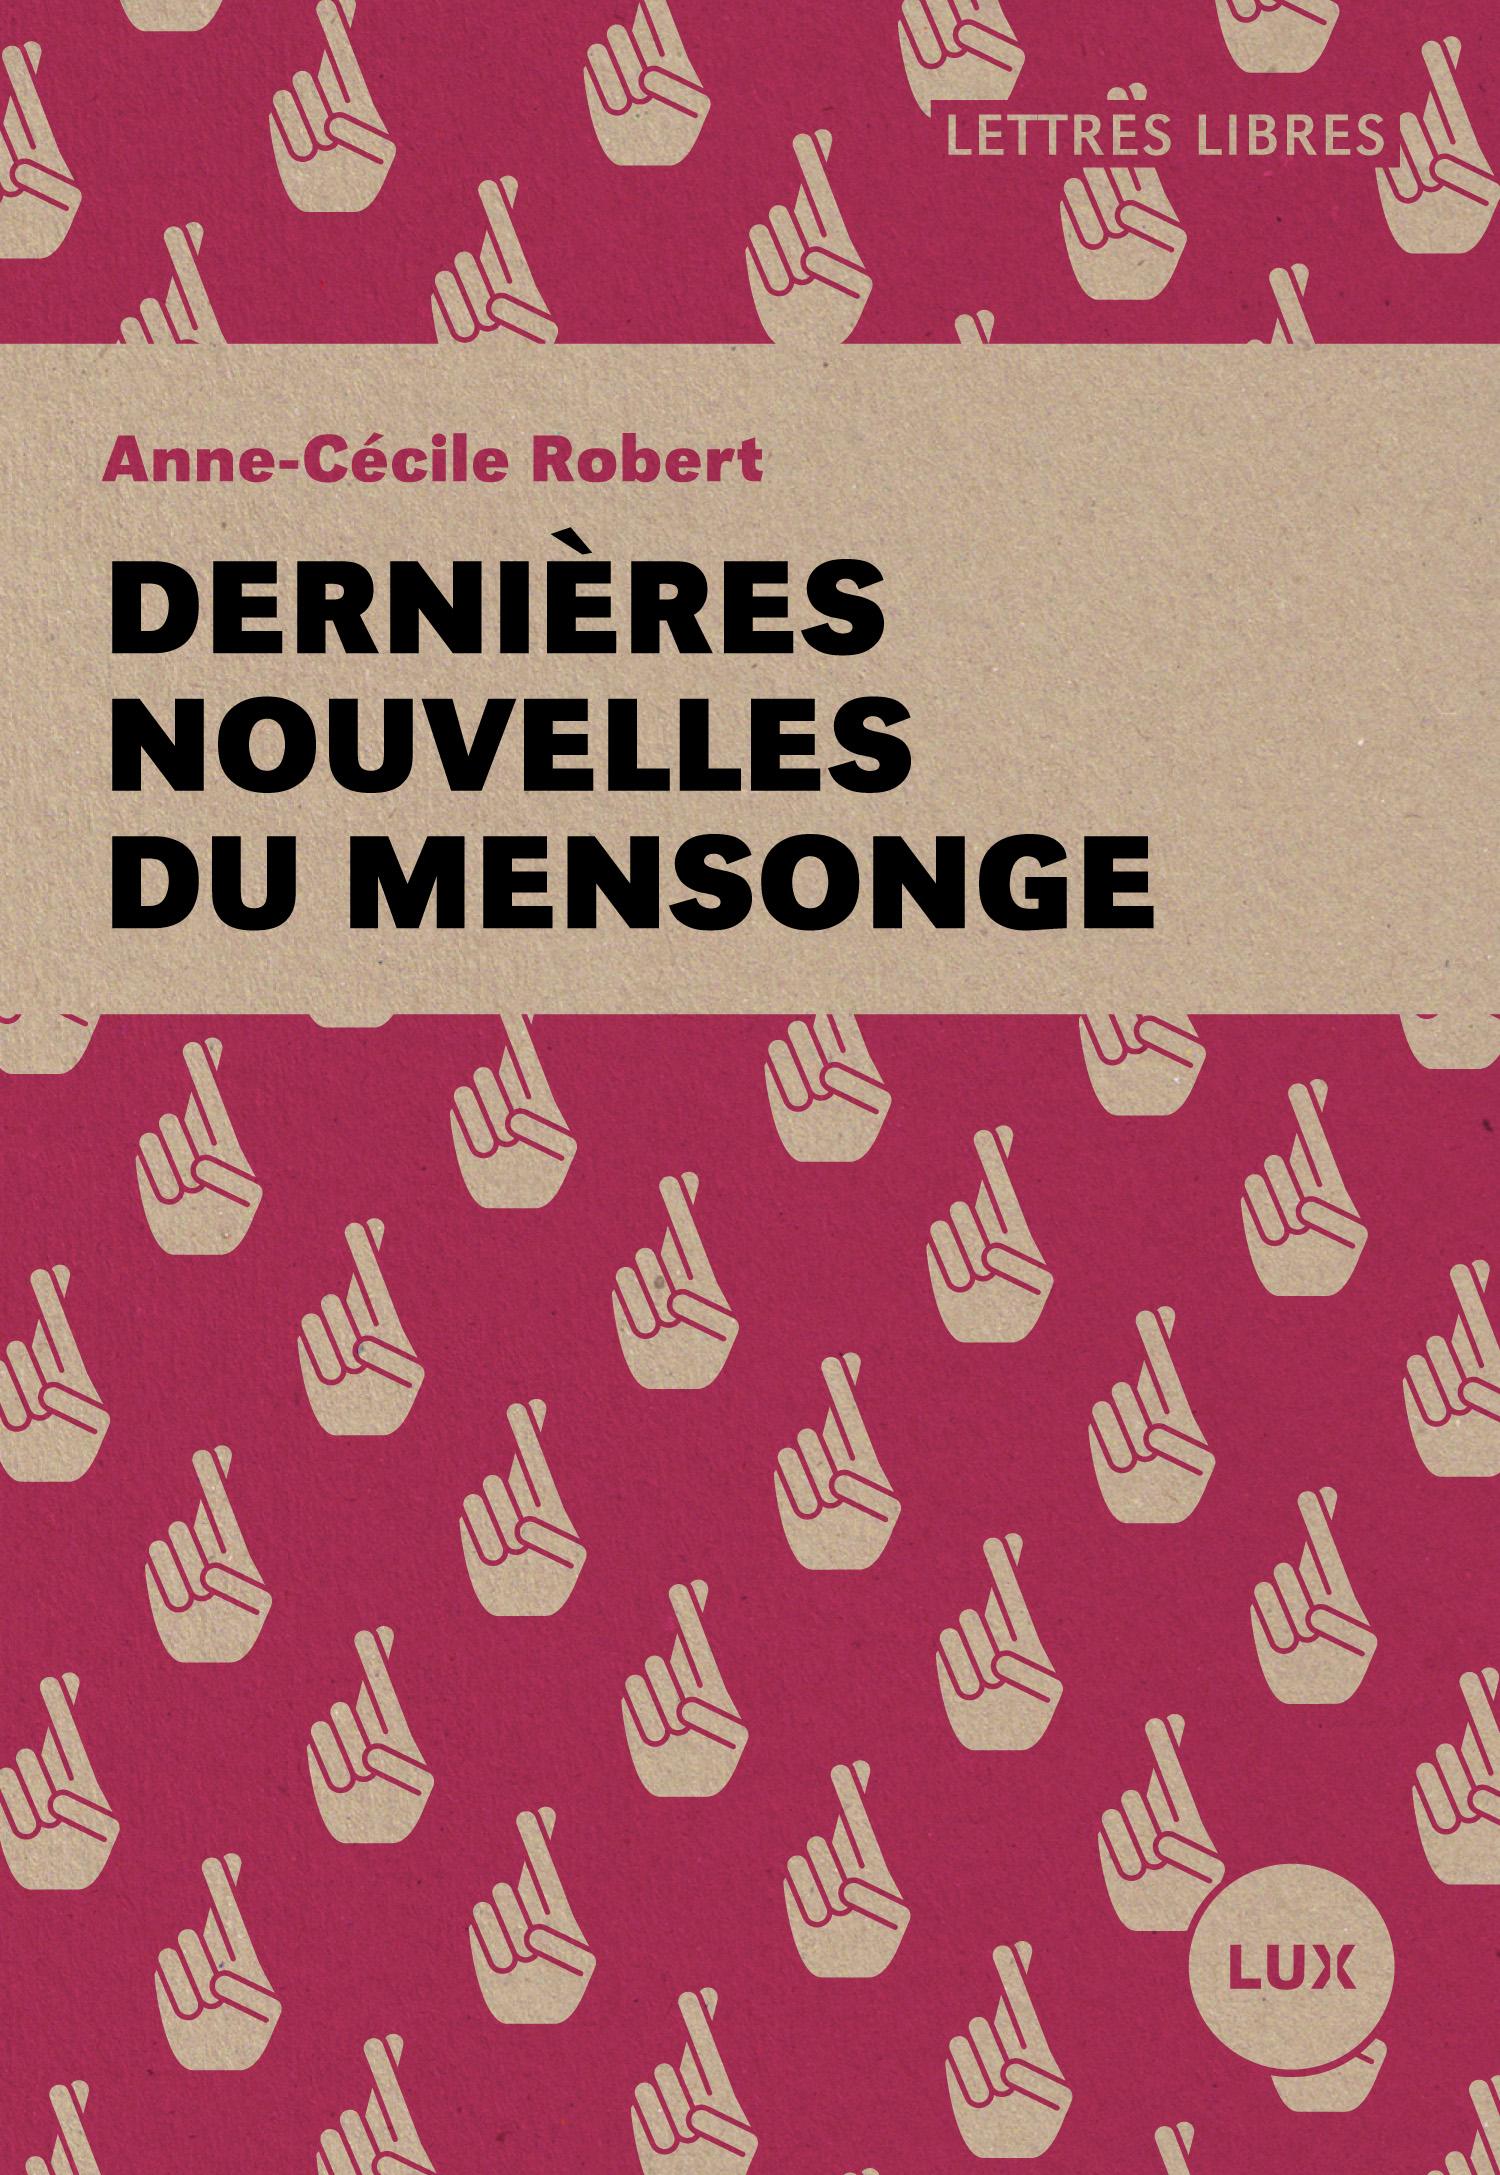 Pas De Mensonges Entre Nous Pdf : mensonges, entre, Dernières, Nouvelles, Mensonge, Anne-Cécile, Robert, Leslibraires.ca